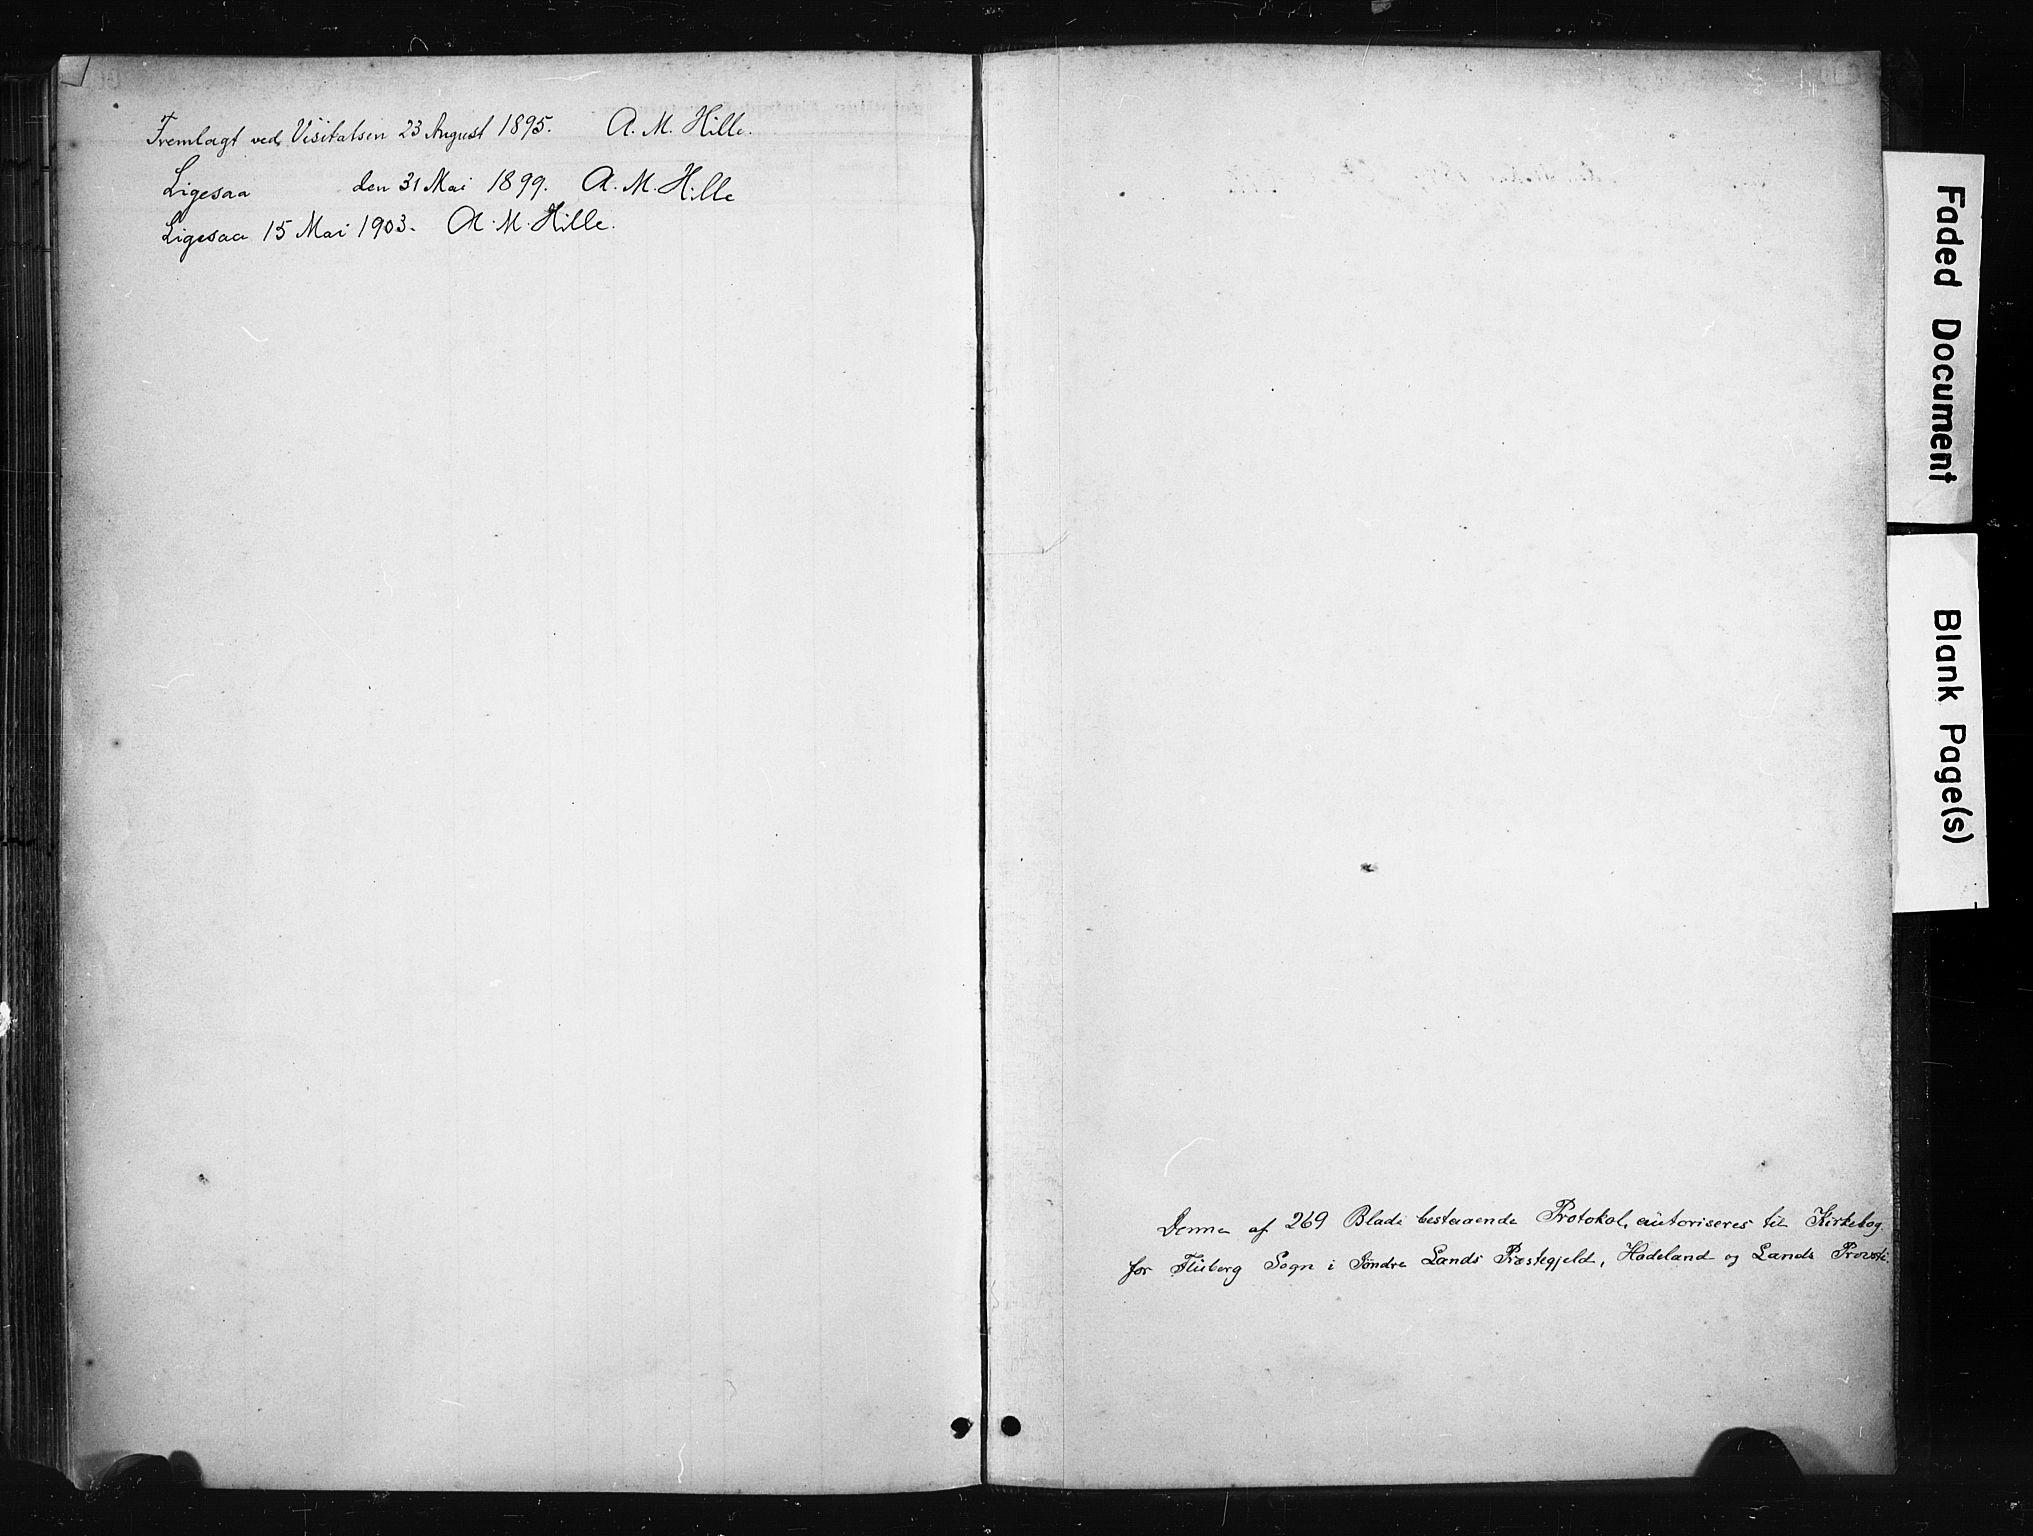 SAH, Søndre Land prestekontor, K/L0004: Ministerialbok nr. 4, 1895-1904, s. 231